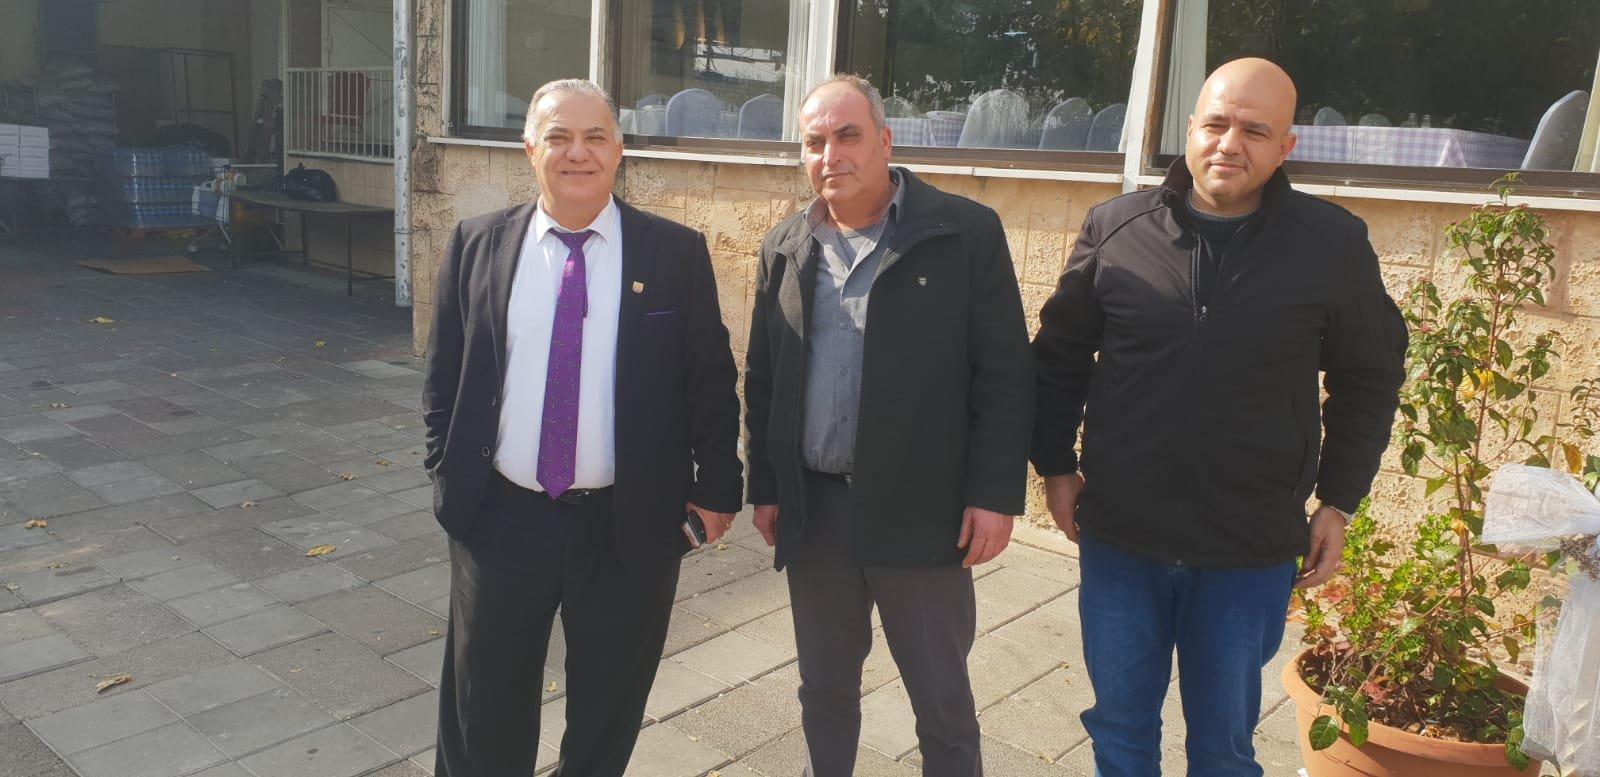 رئيس بلدية جنين فايز السعدي وأعضاء بلدية يزورون بلدية الناصرة-11